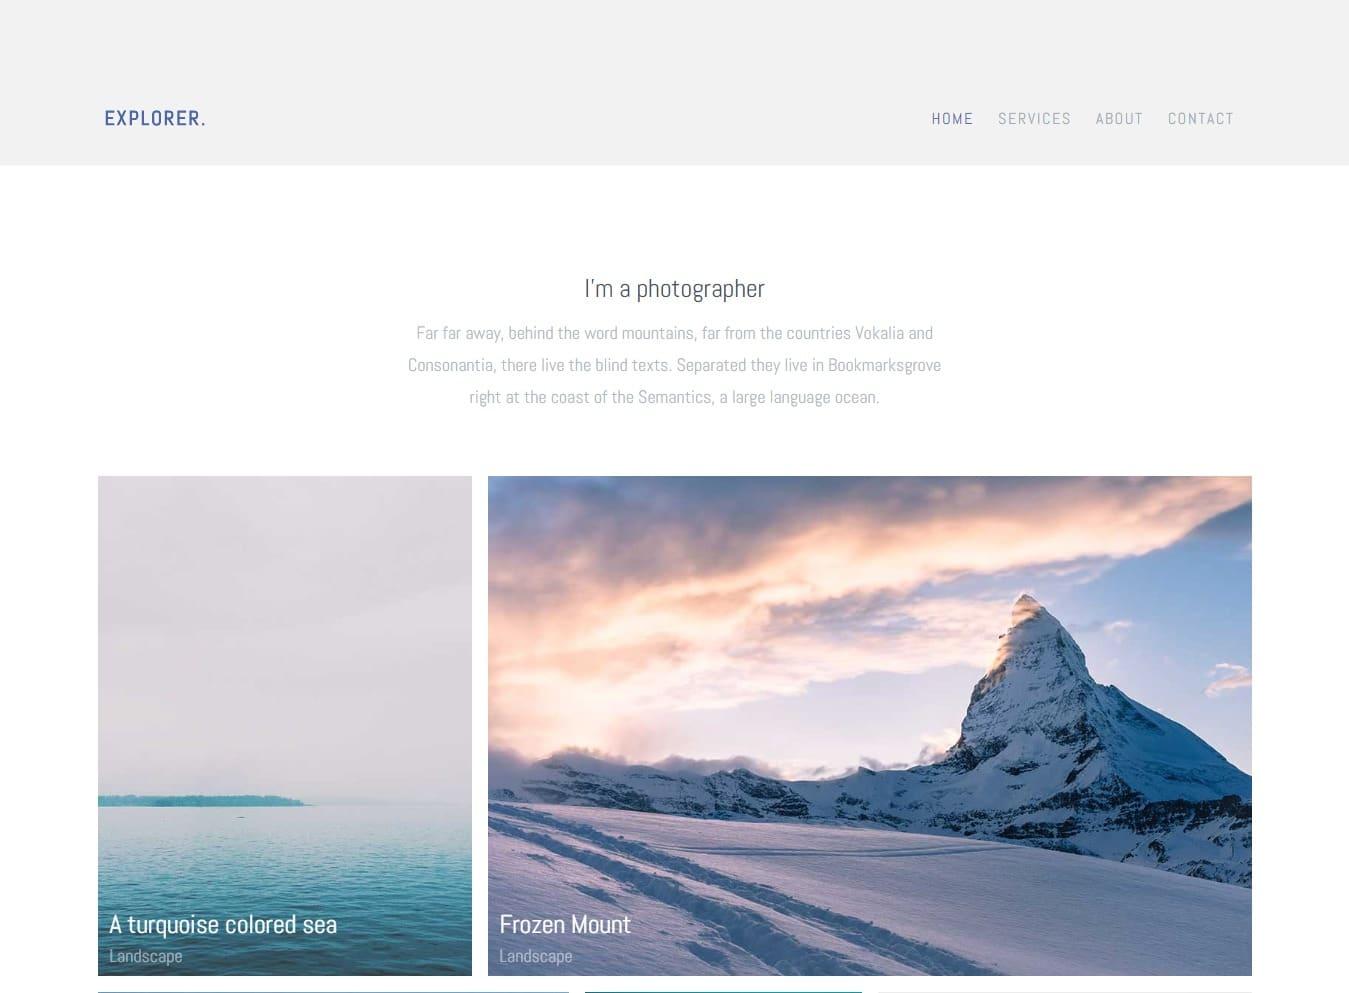 explorer-gallery-website-template